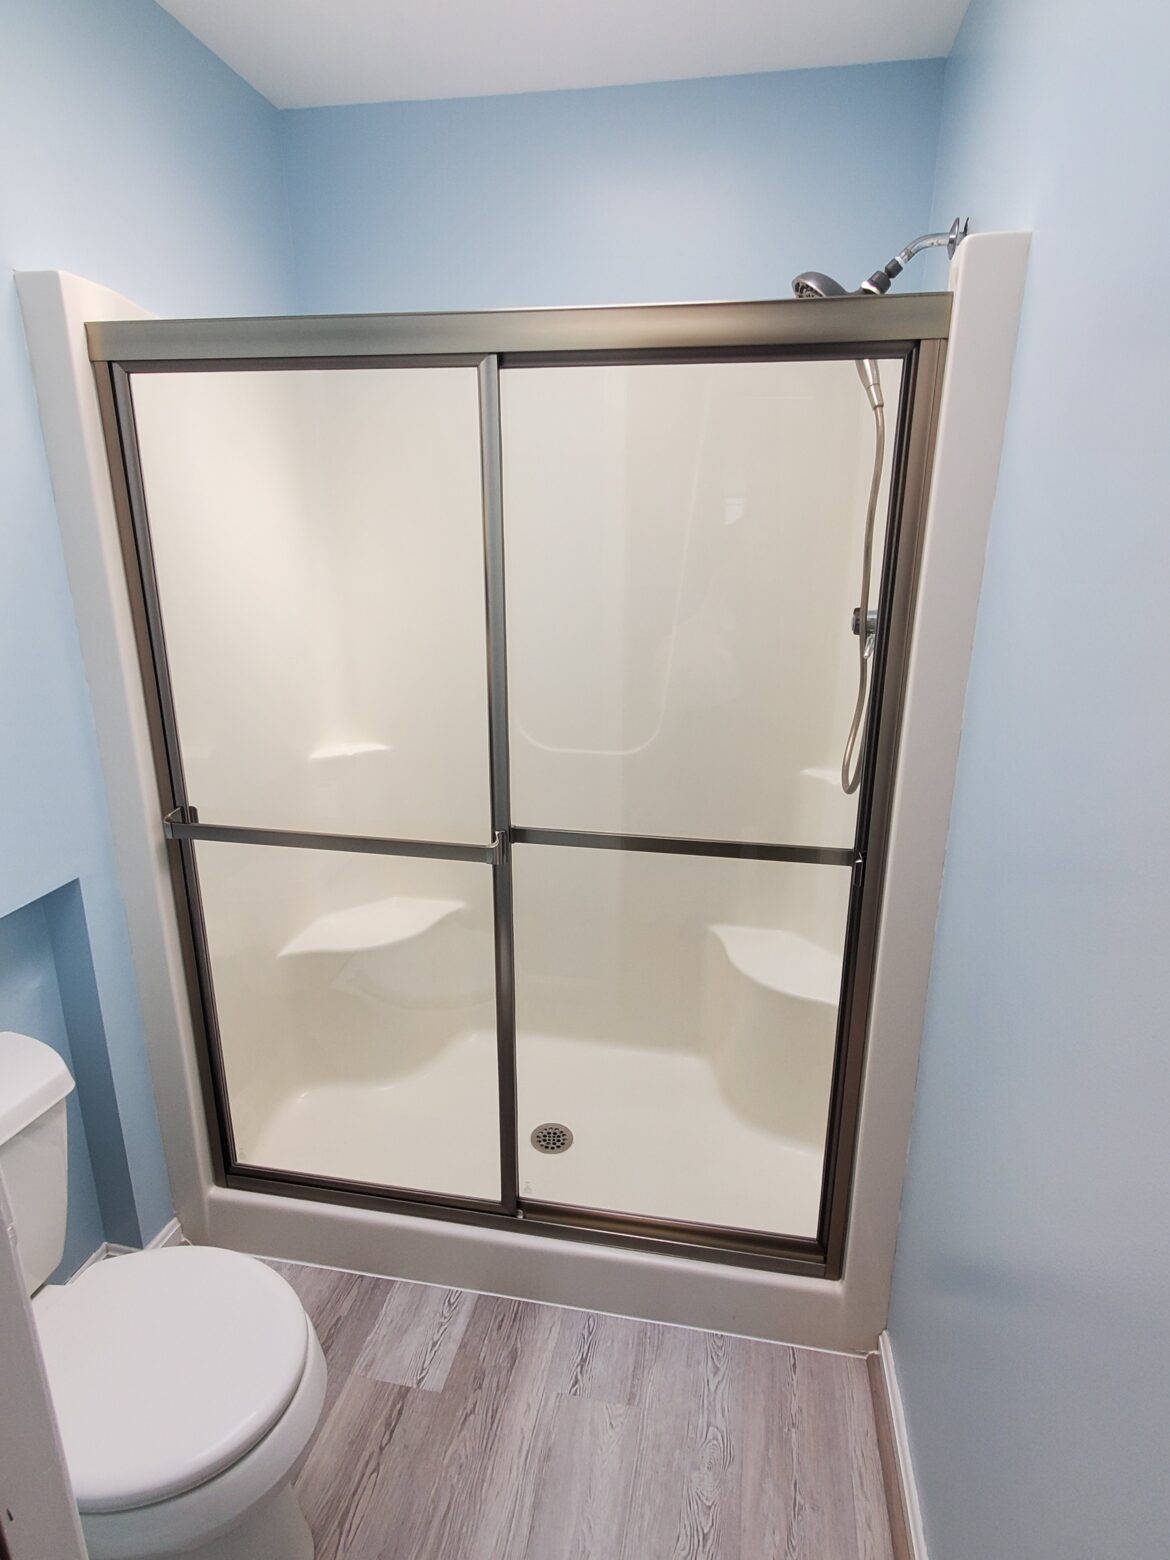 Framed Bypass Sliding Shower Doors in Frederick, MD